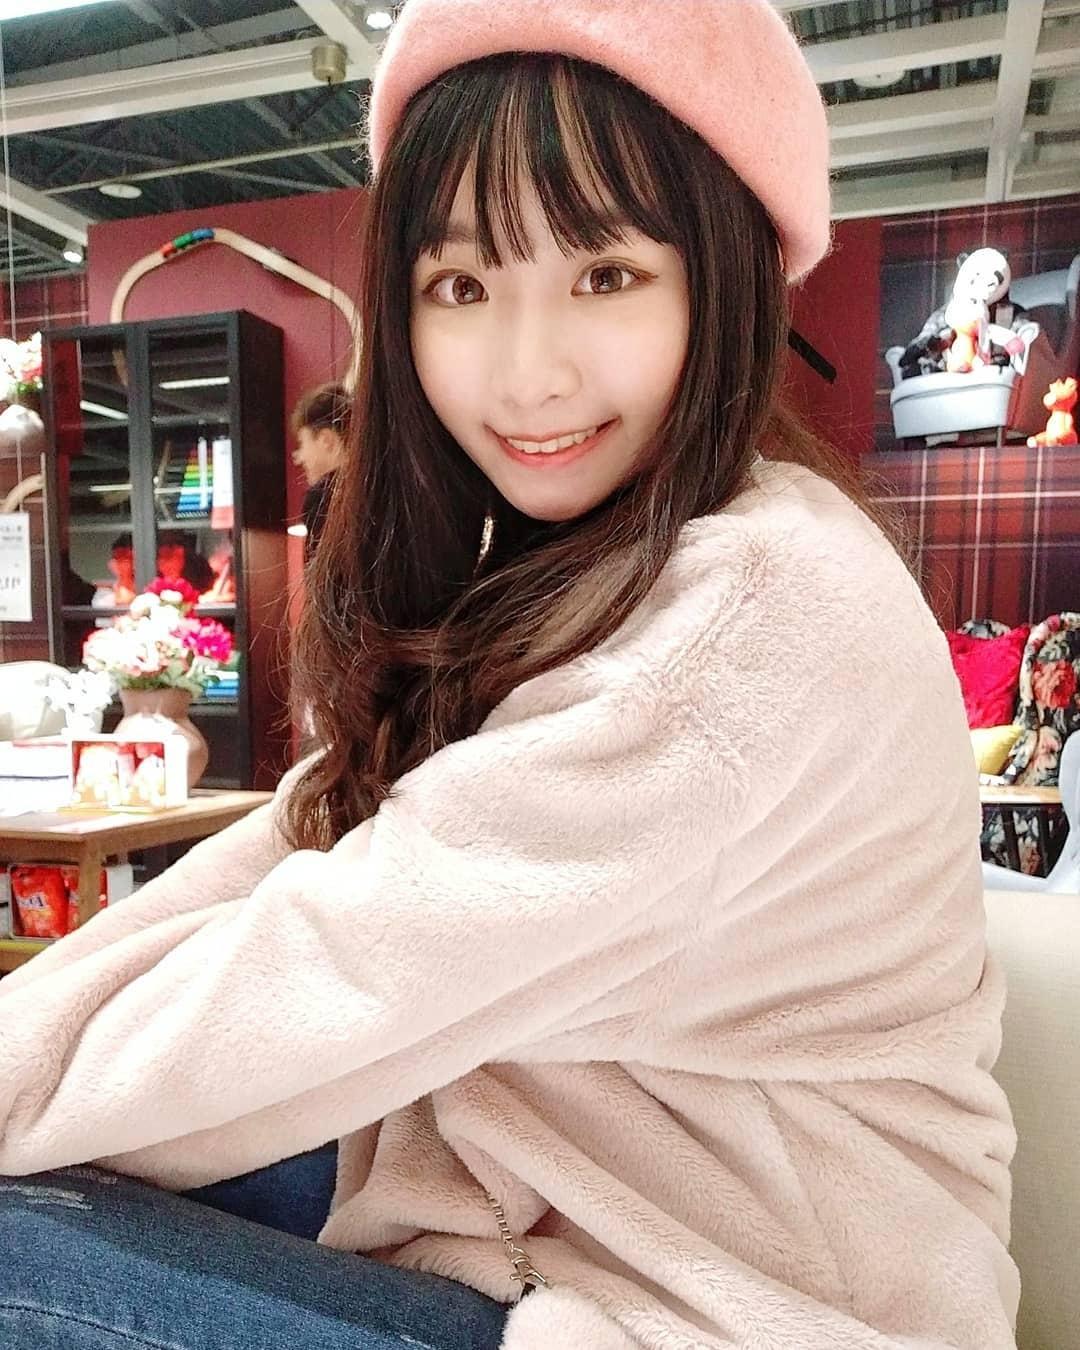 爱笑的眼睛!北艺大音乐系女神「林涵钰Ruri」超萌脸蛋让人融化了!-新图包